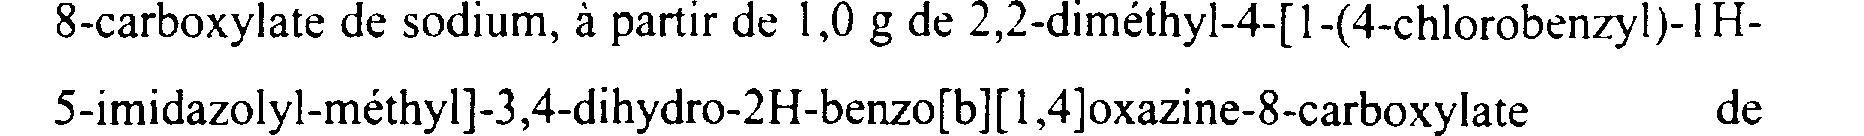 Figure img00640001